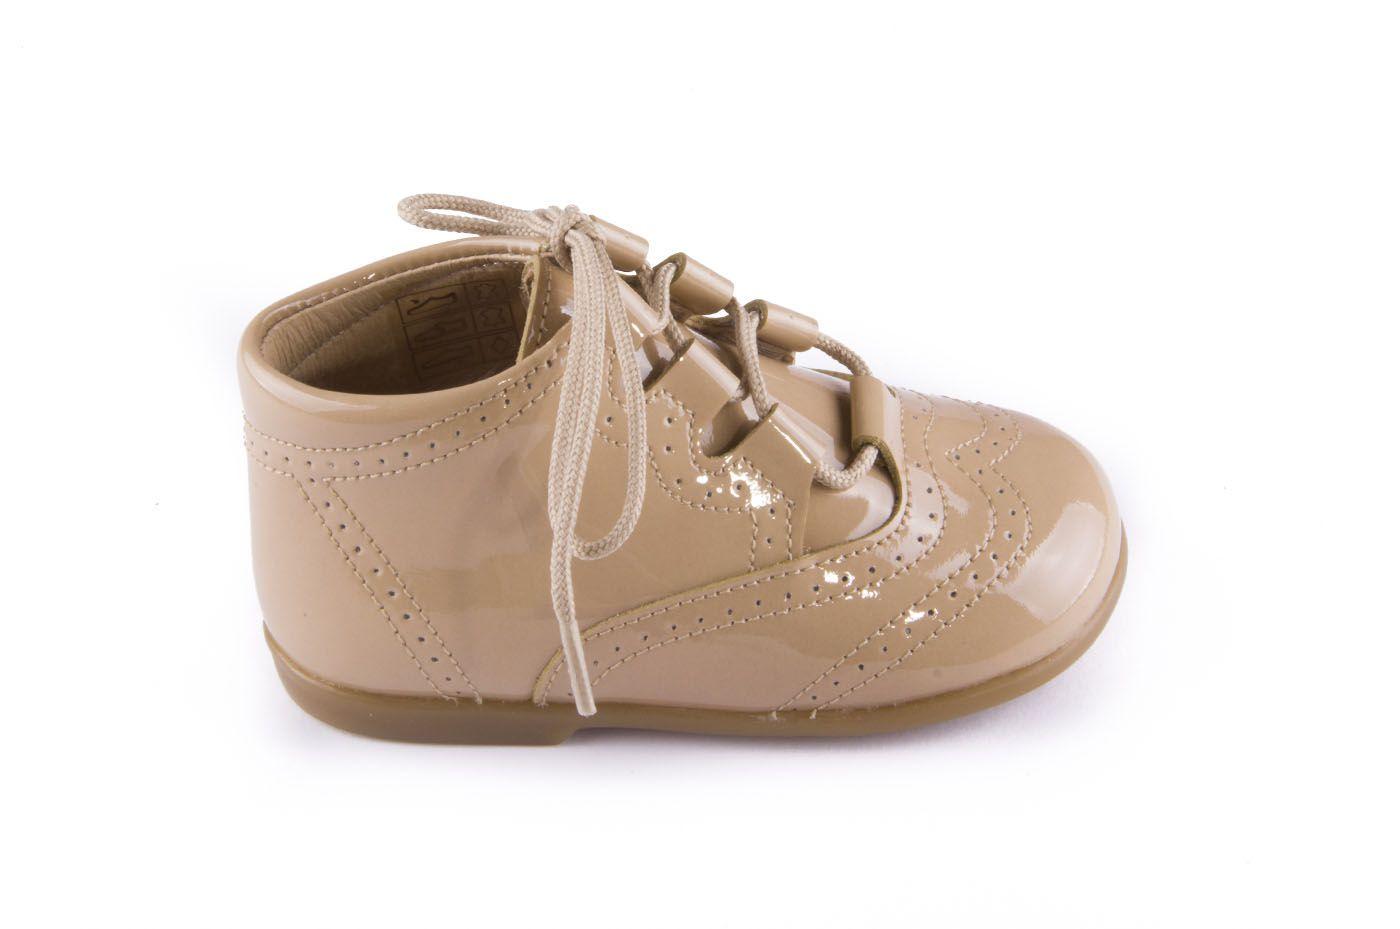 Comprar Niño Color Tipo Estilo Botas Camel Charol Preandante Zapato 9I2DHWE